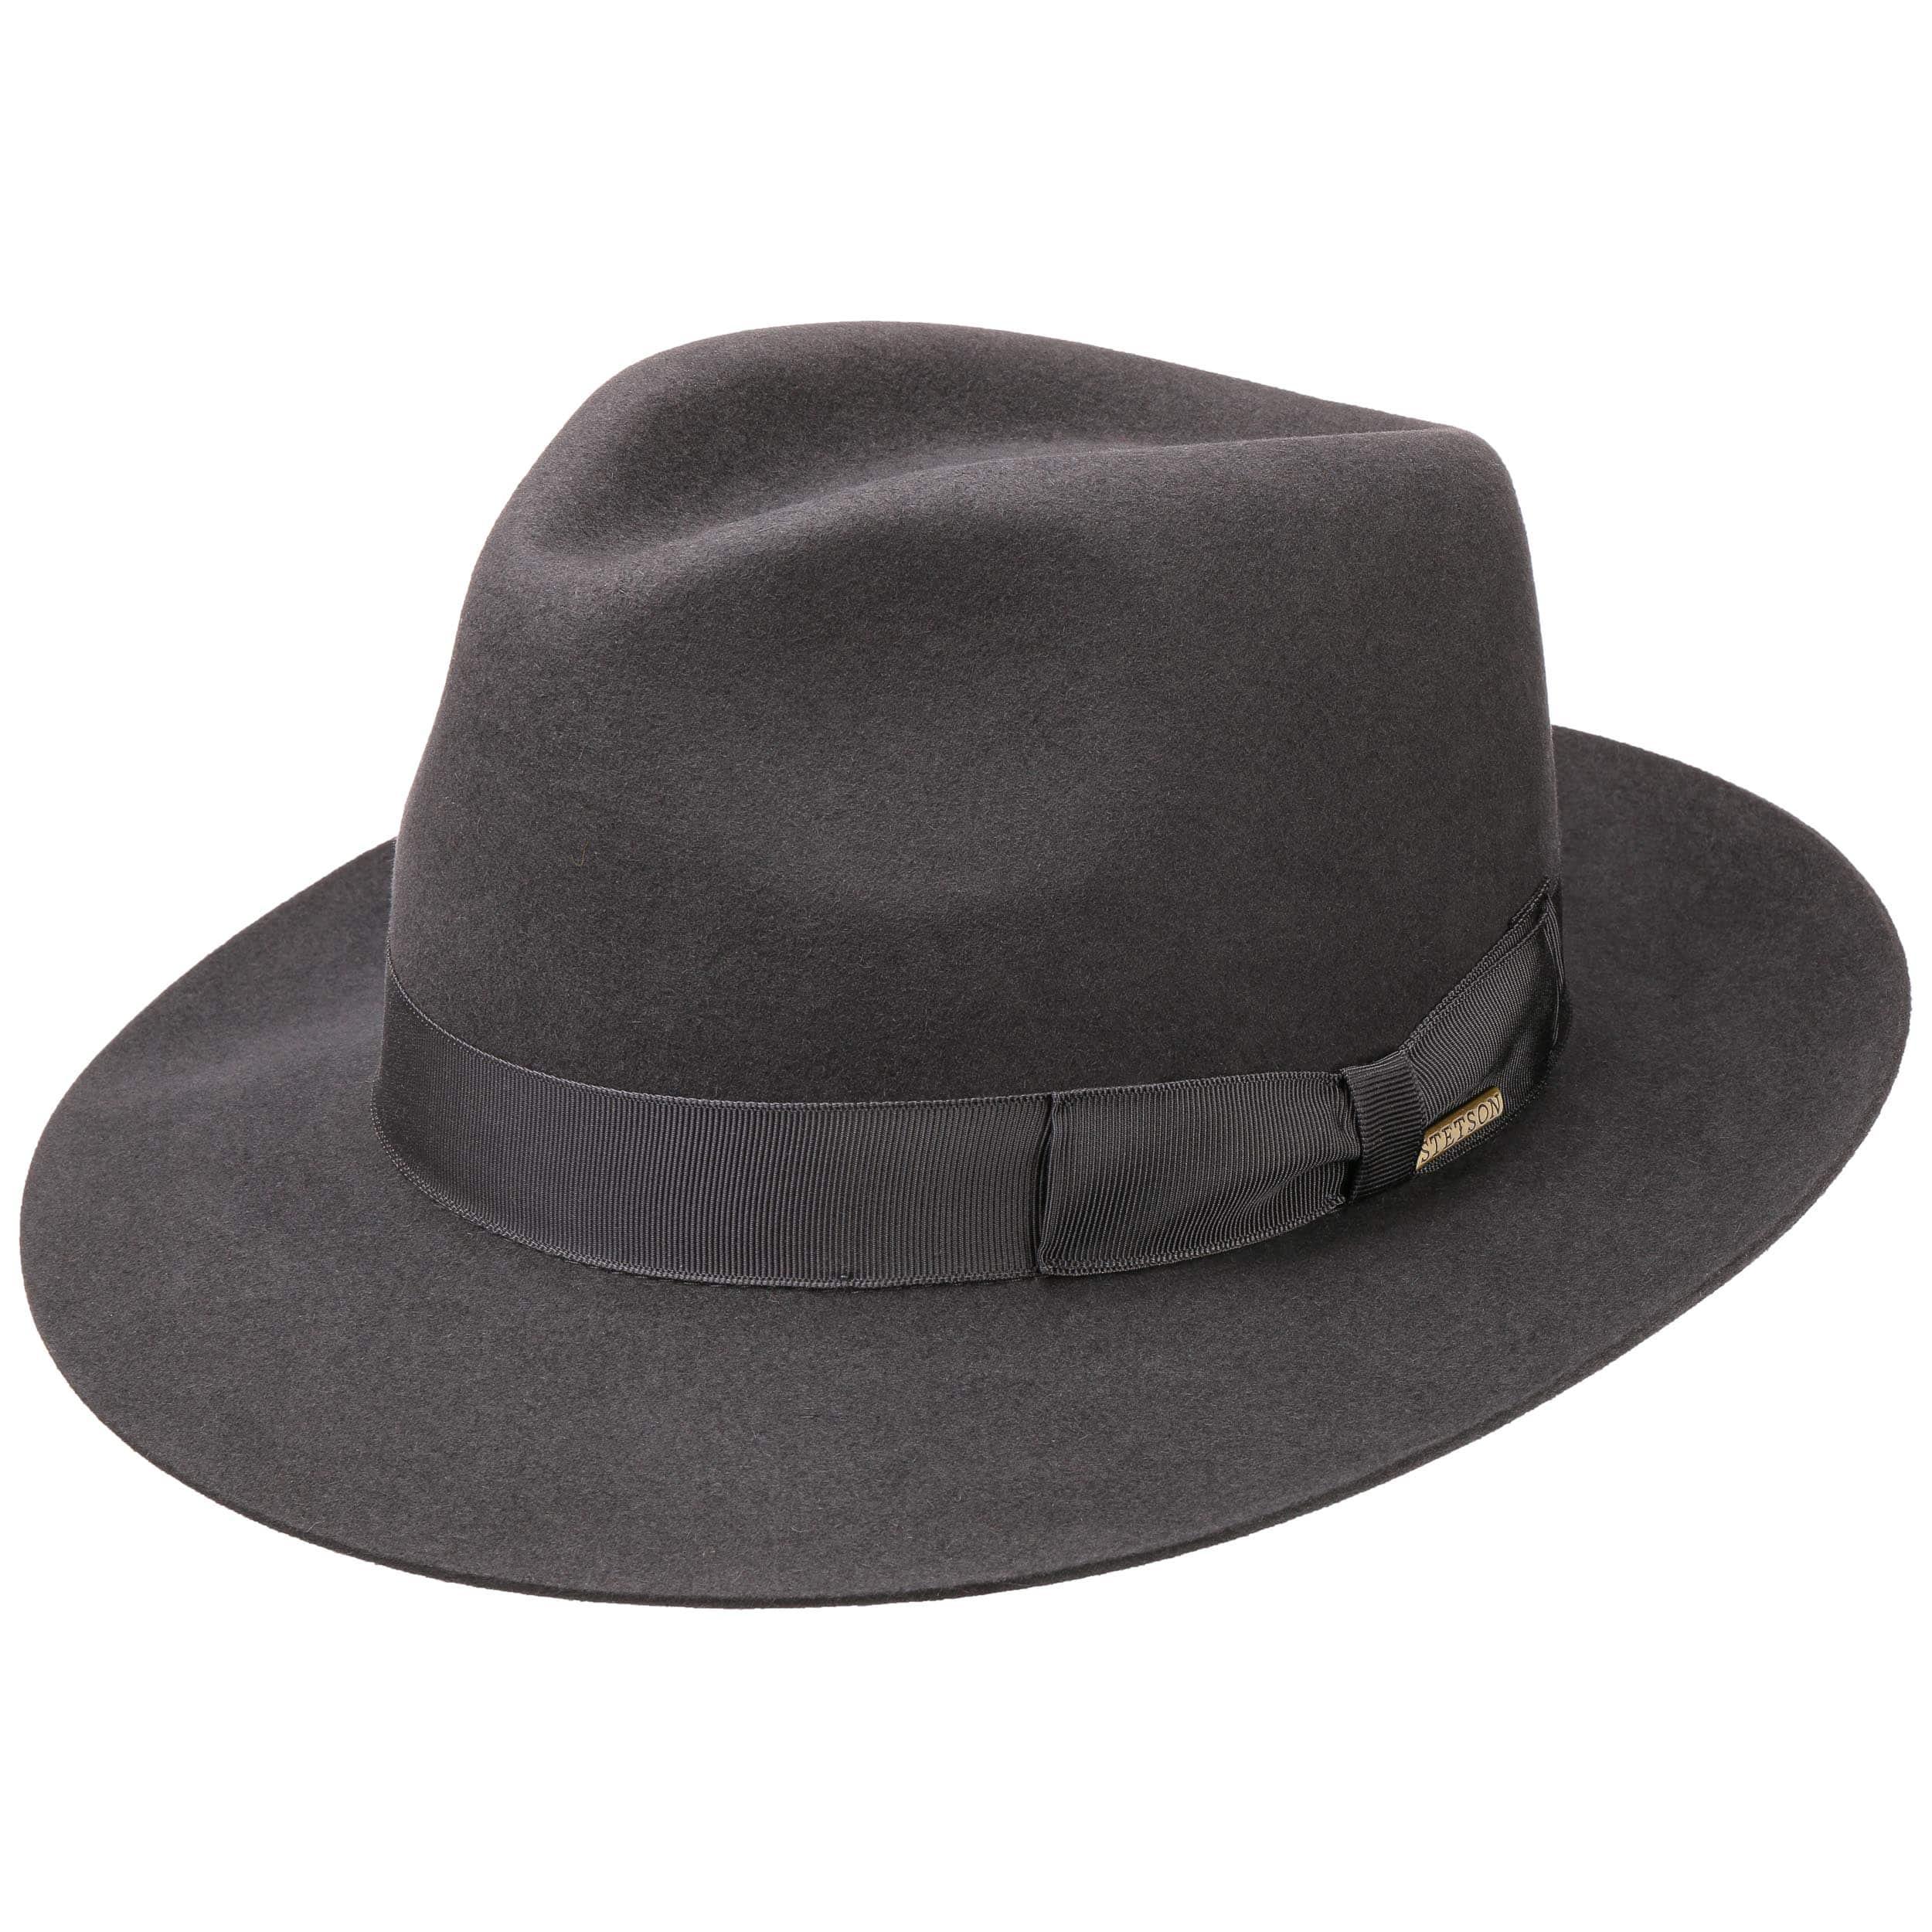 ... Penn Cappello Bogart by Stetson - grigio 6 ... edce8c422b7c